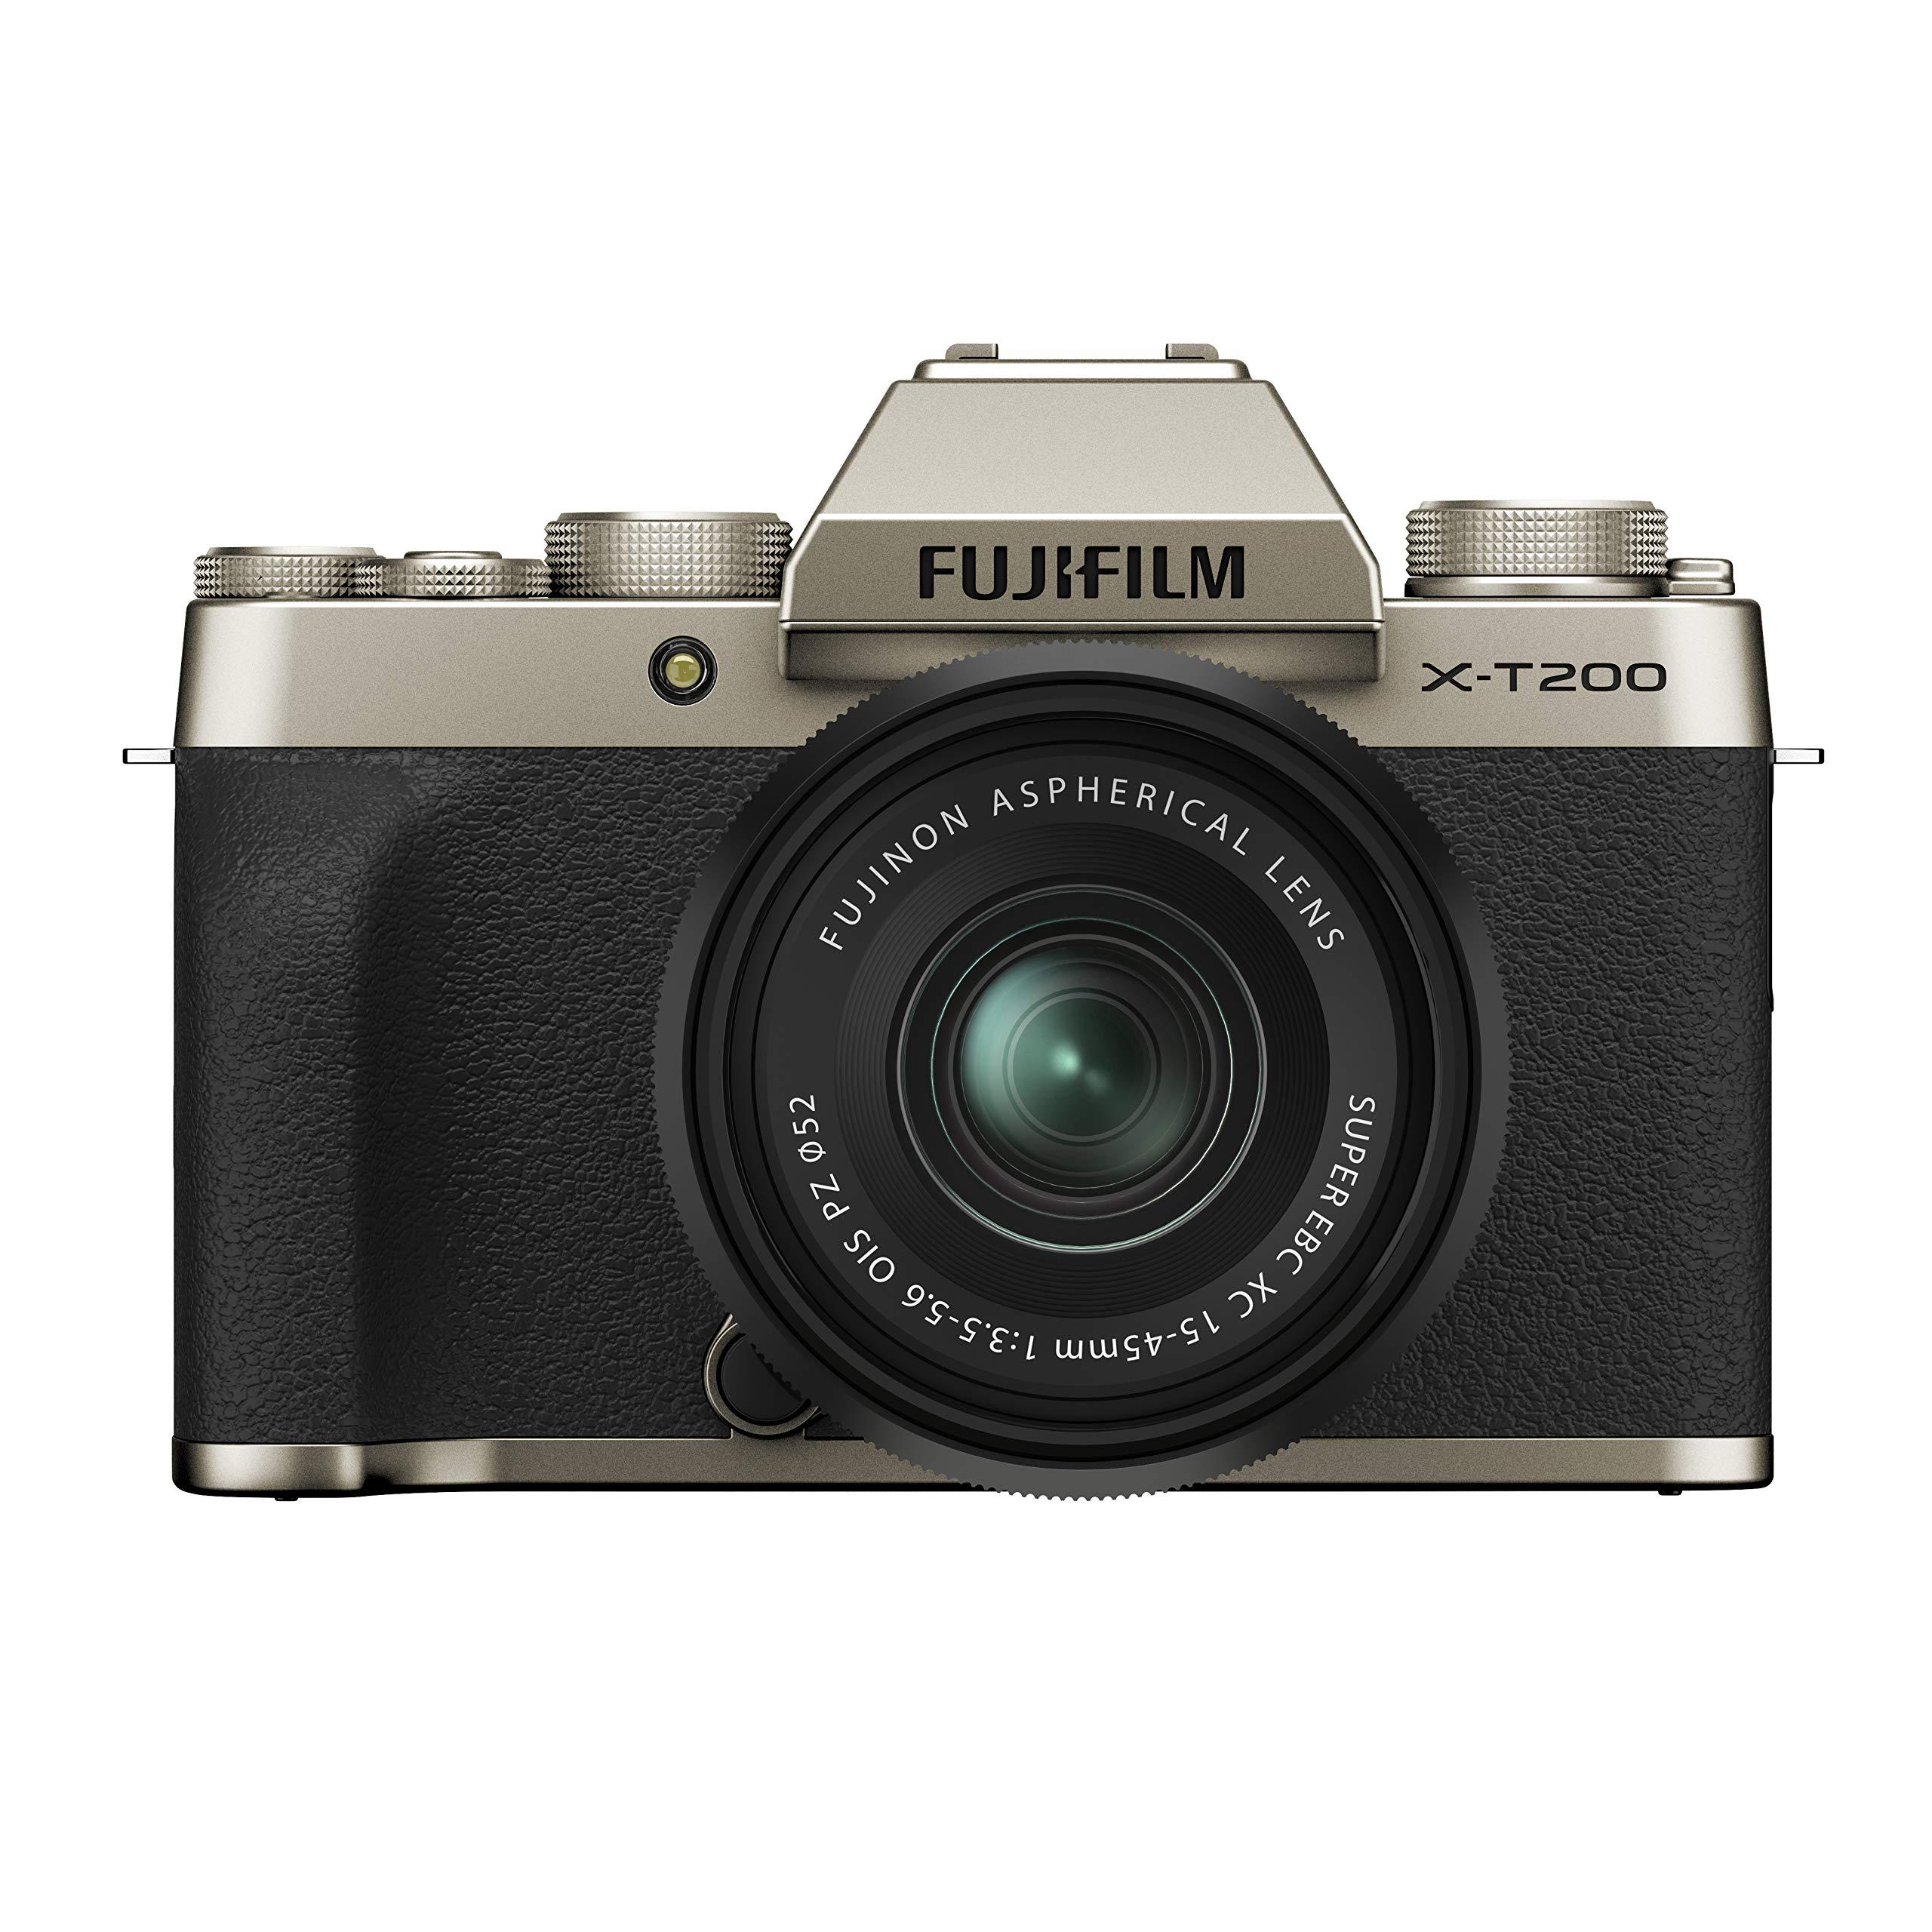 [Amazon] Fujifilm X-T200 System Camera with XC15-45mmF3.5-5.6 OIS PZ Kit